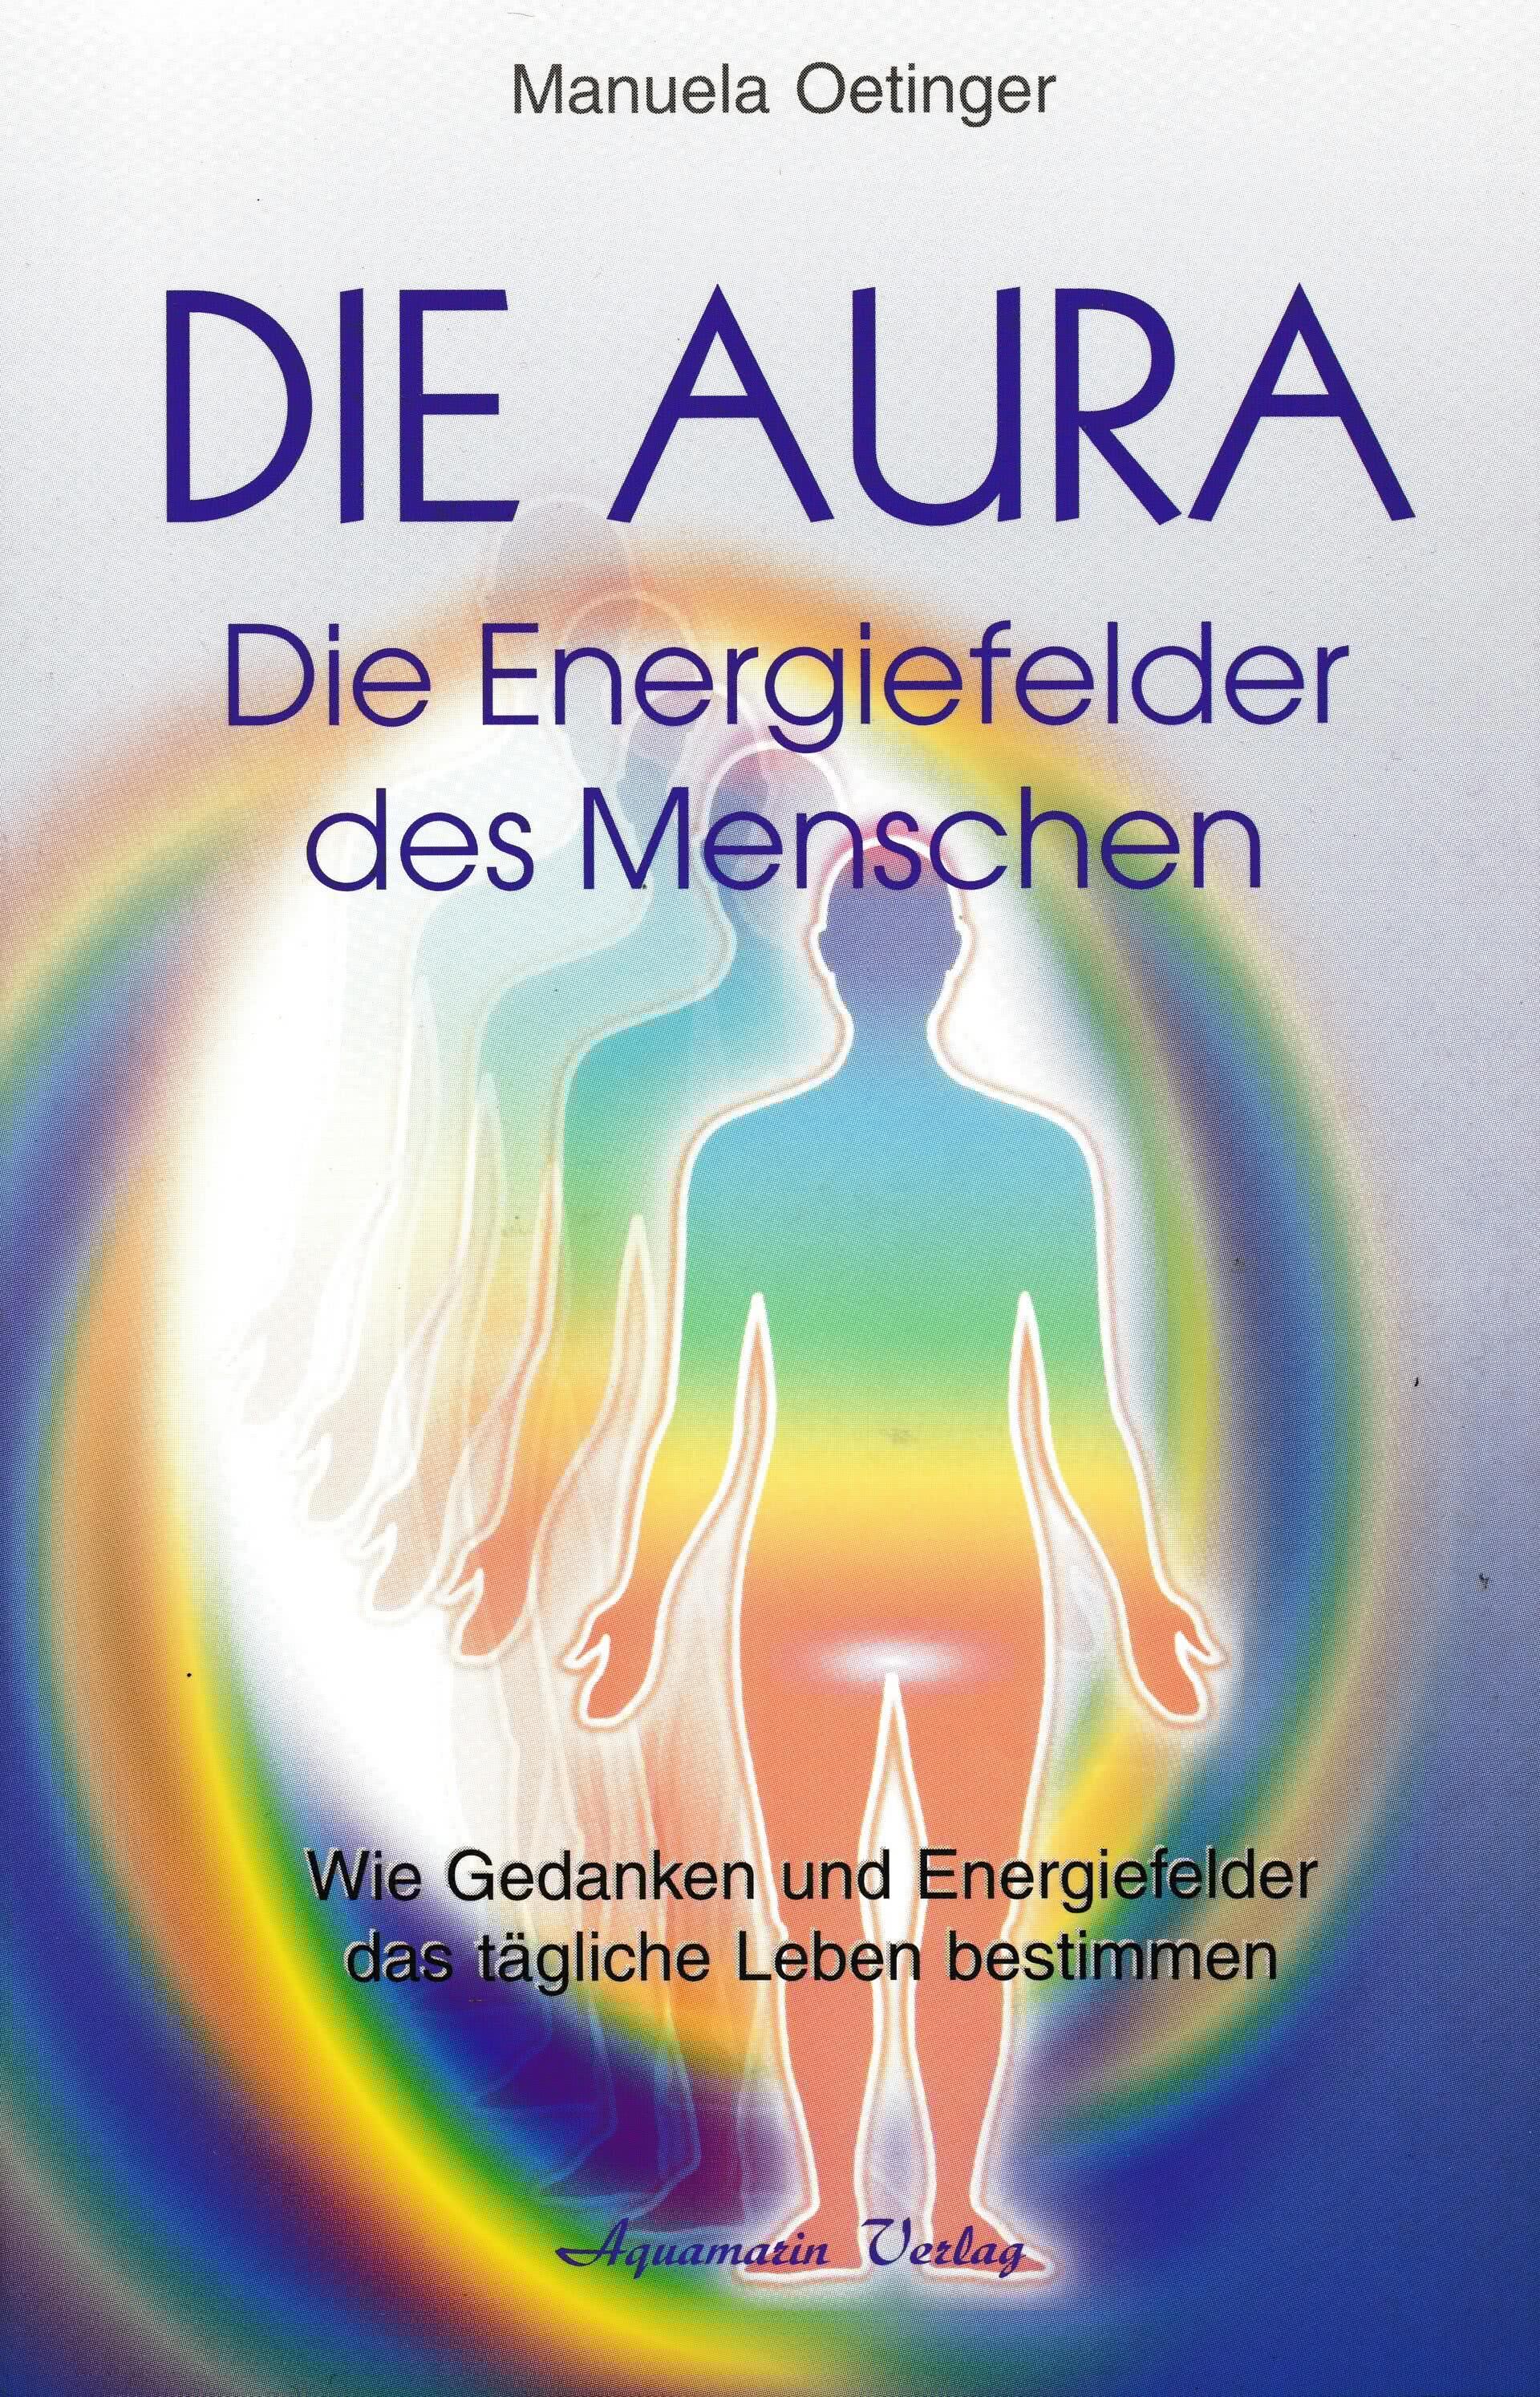 Die Aura. Das Tor zur Seele. Energiefelder erkennen und bewusst transformieren